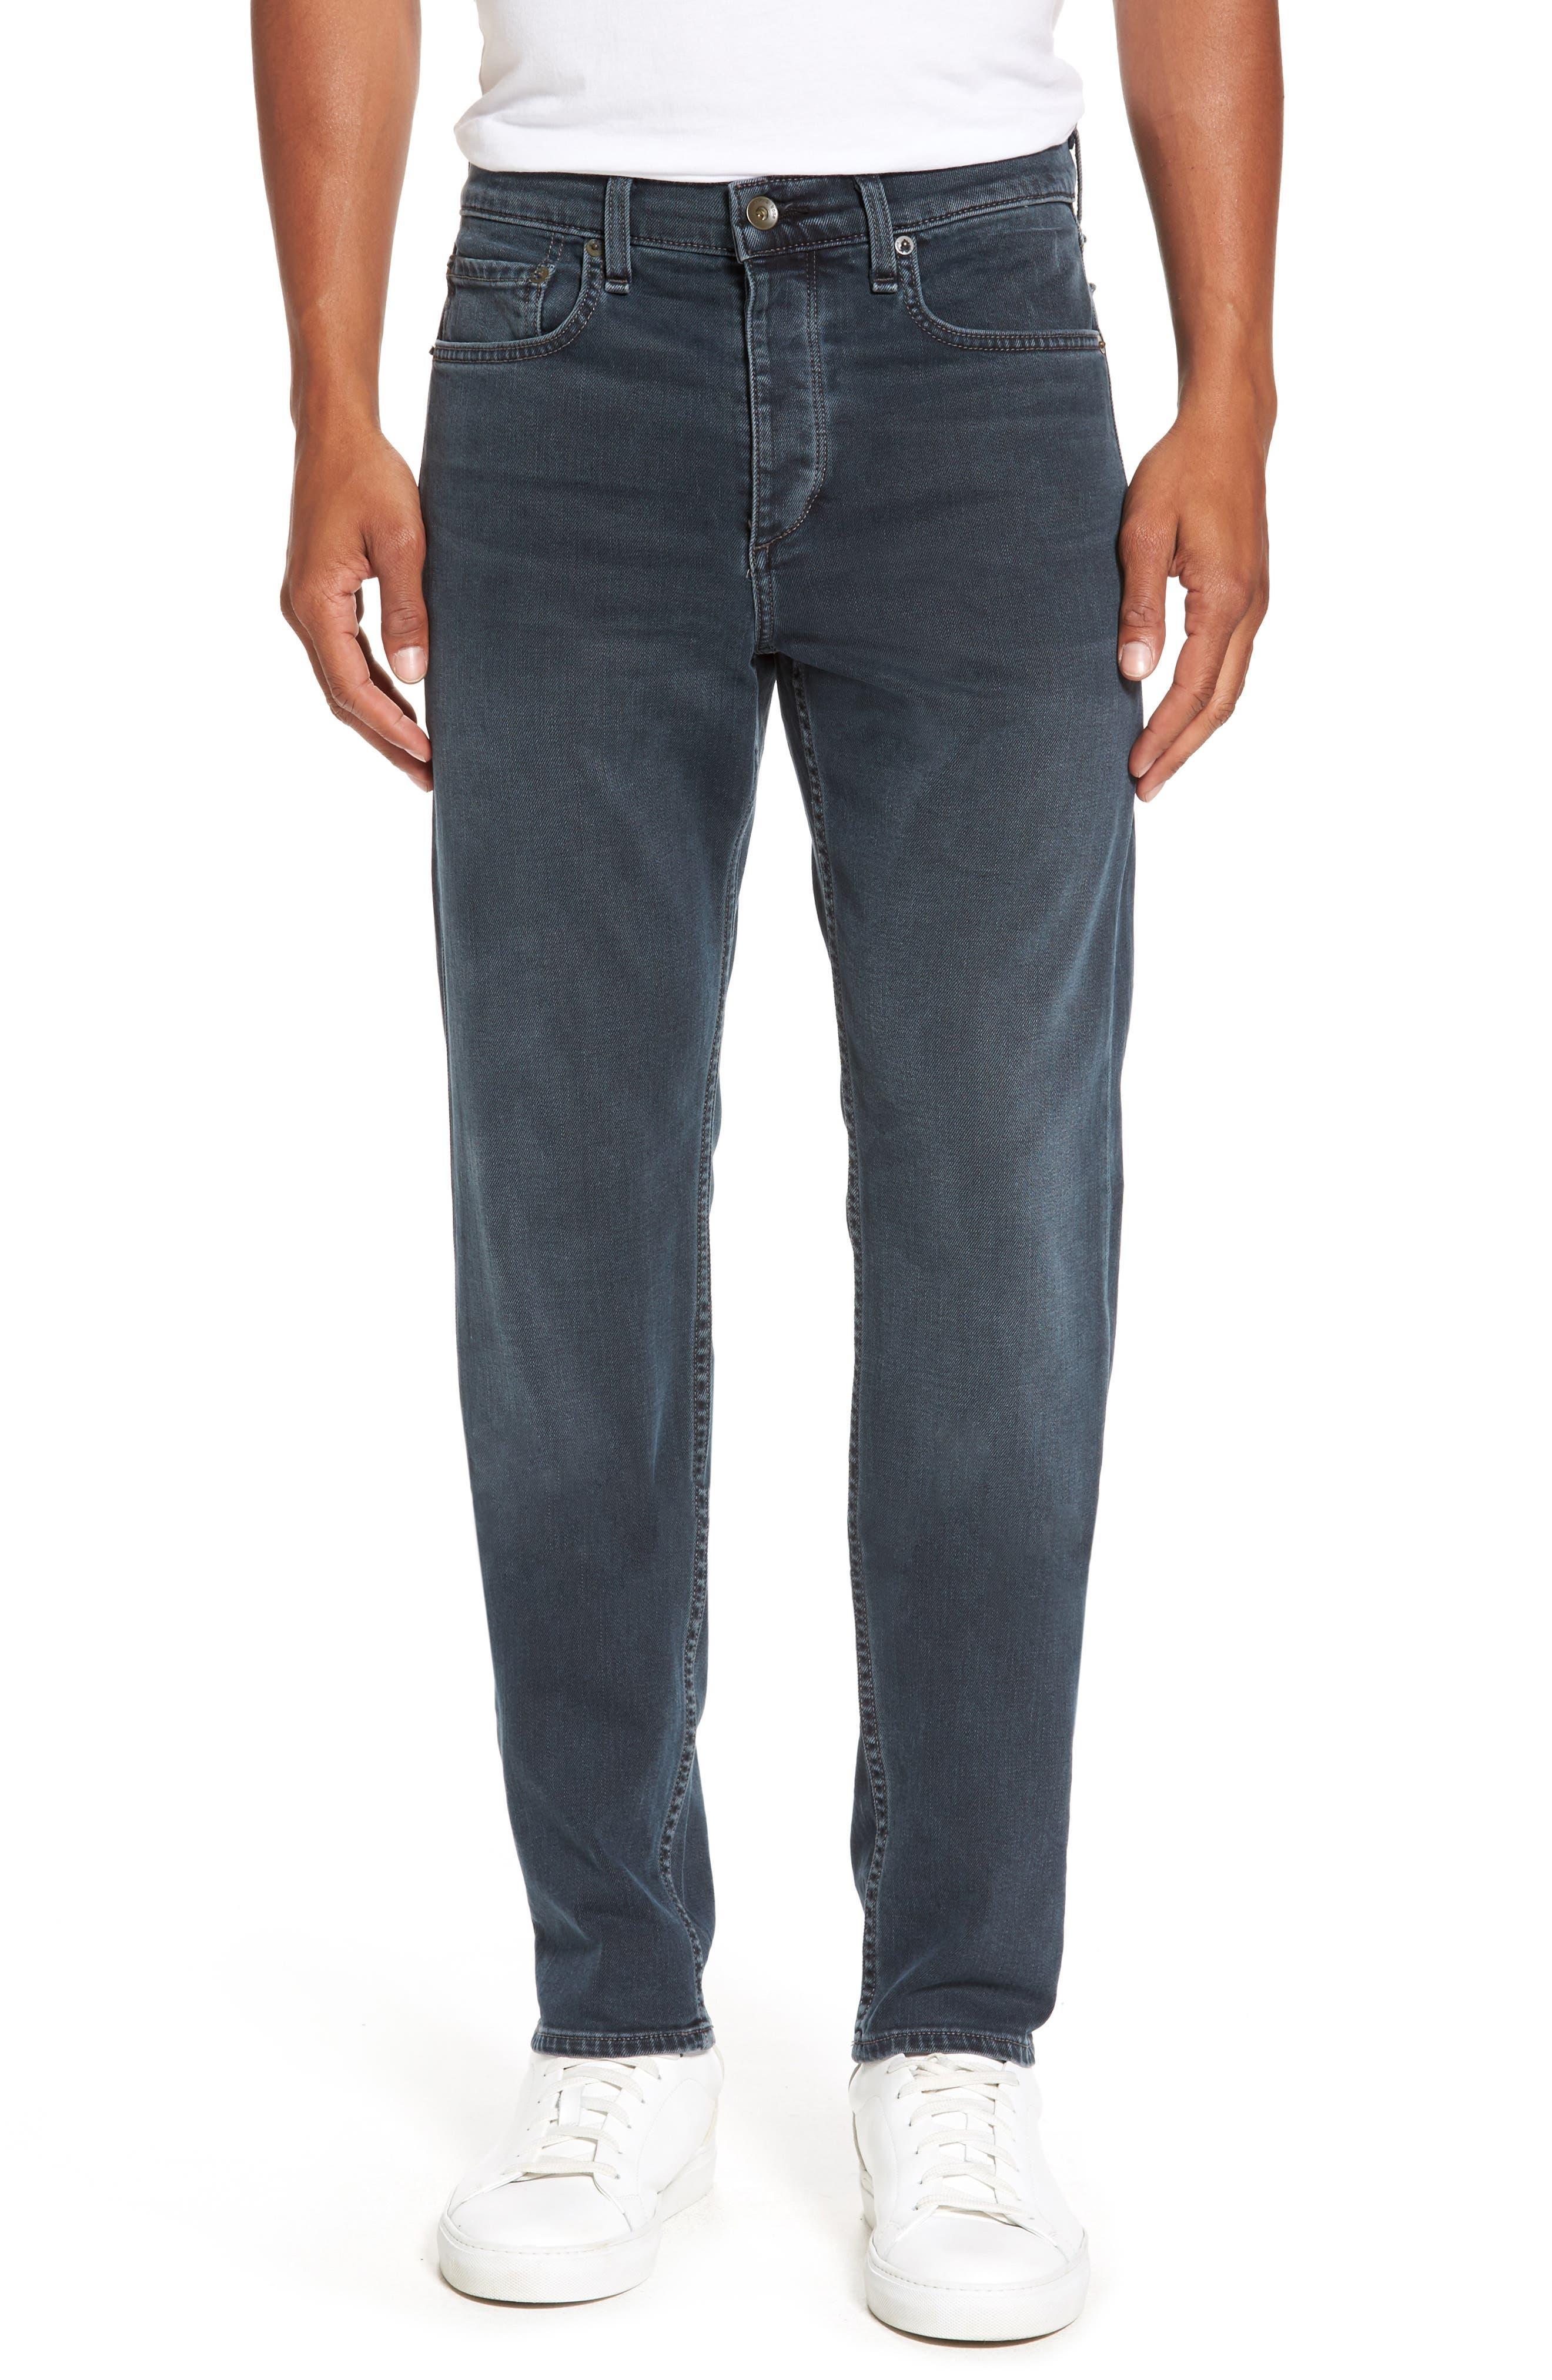 Fit 2 Slim Fit Jean,                         Main,                         color, MINNA